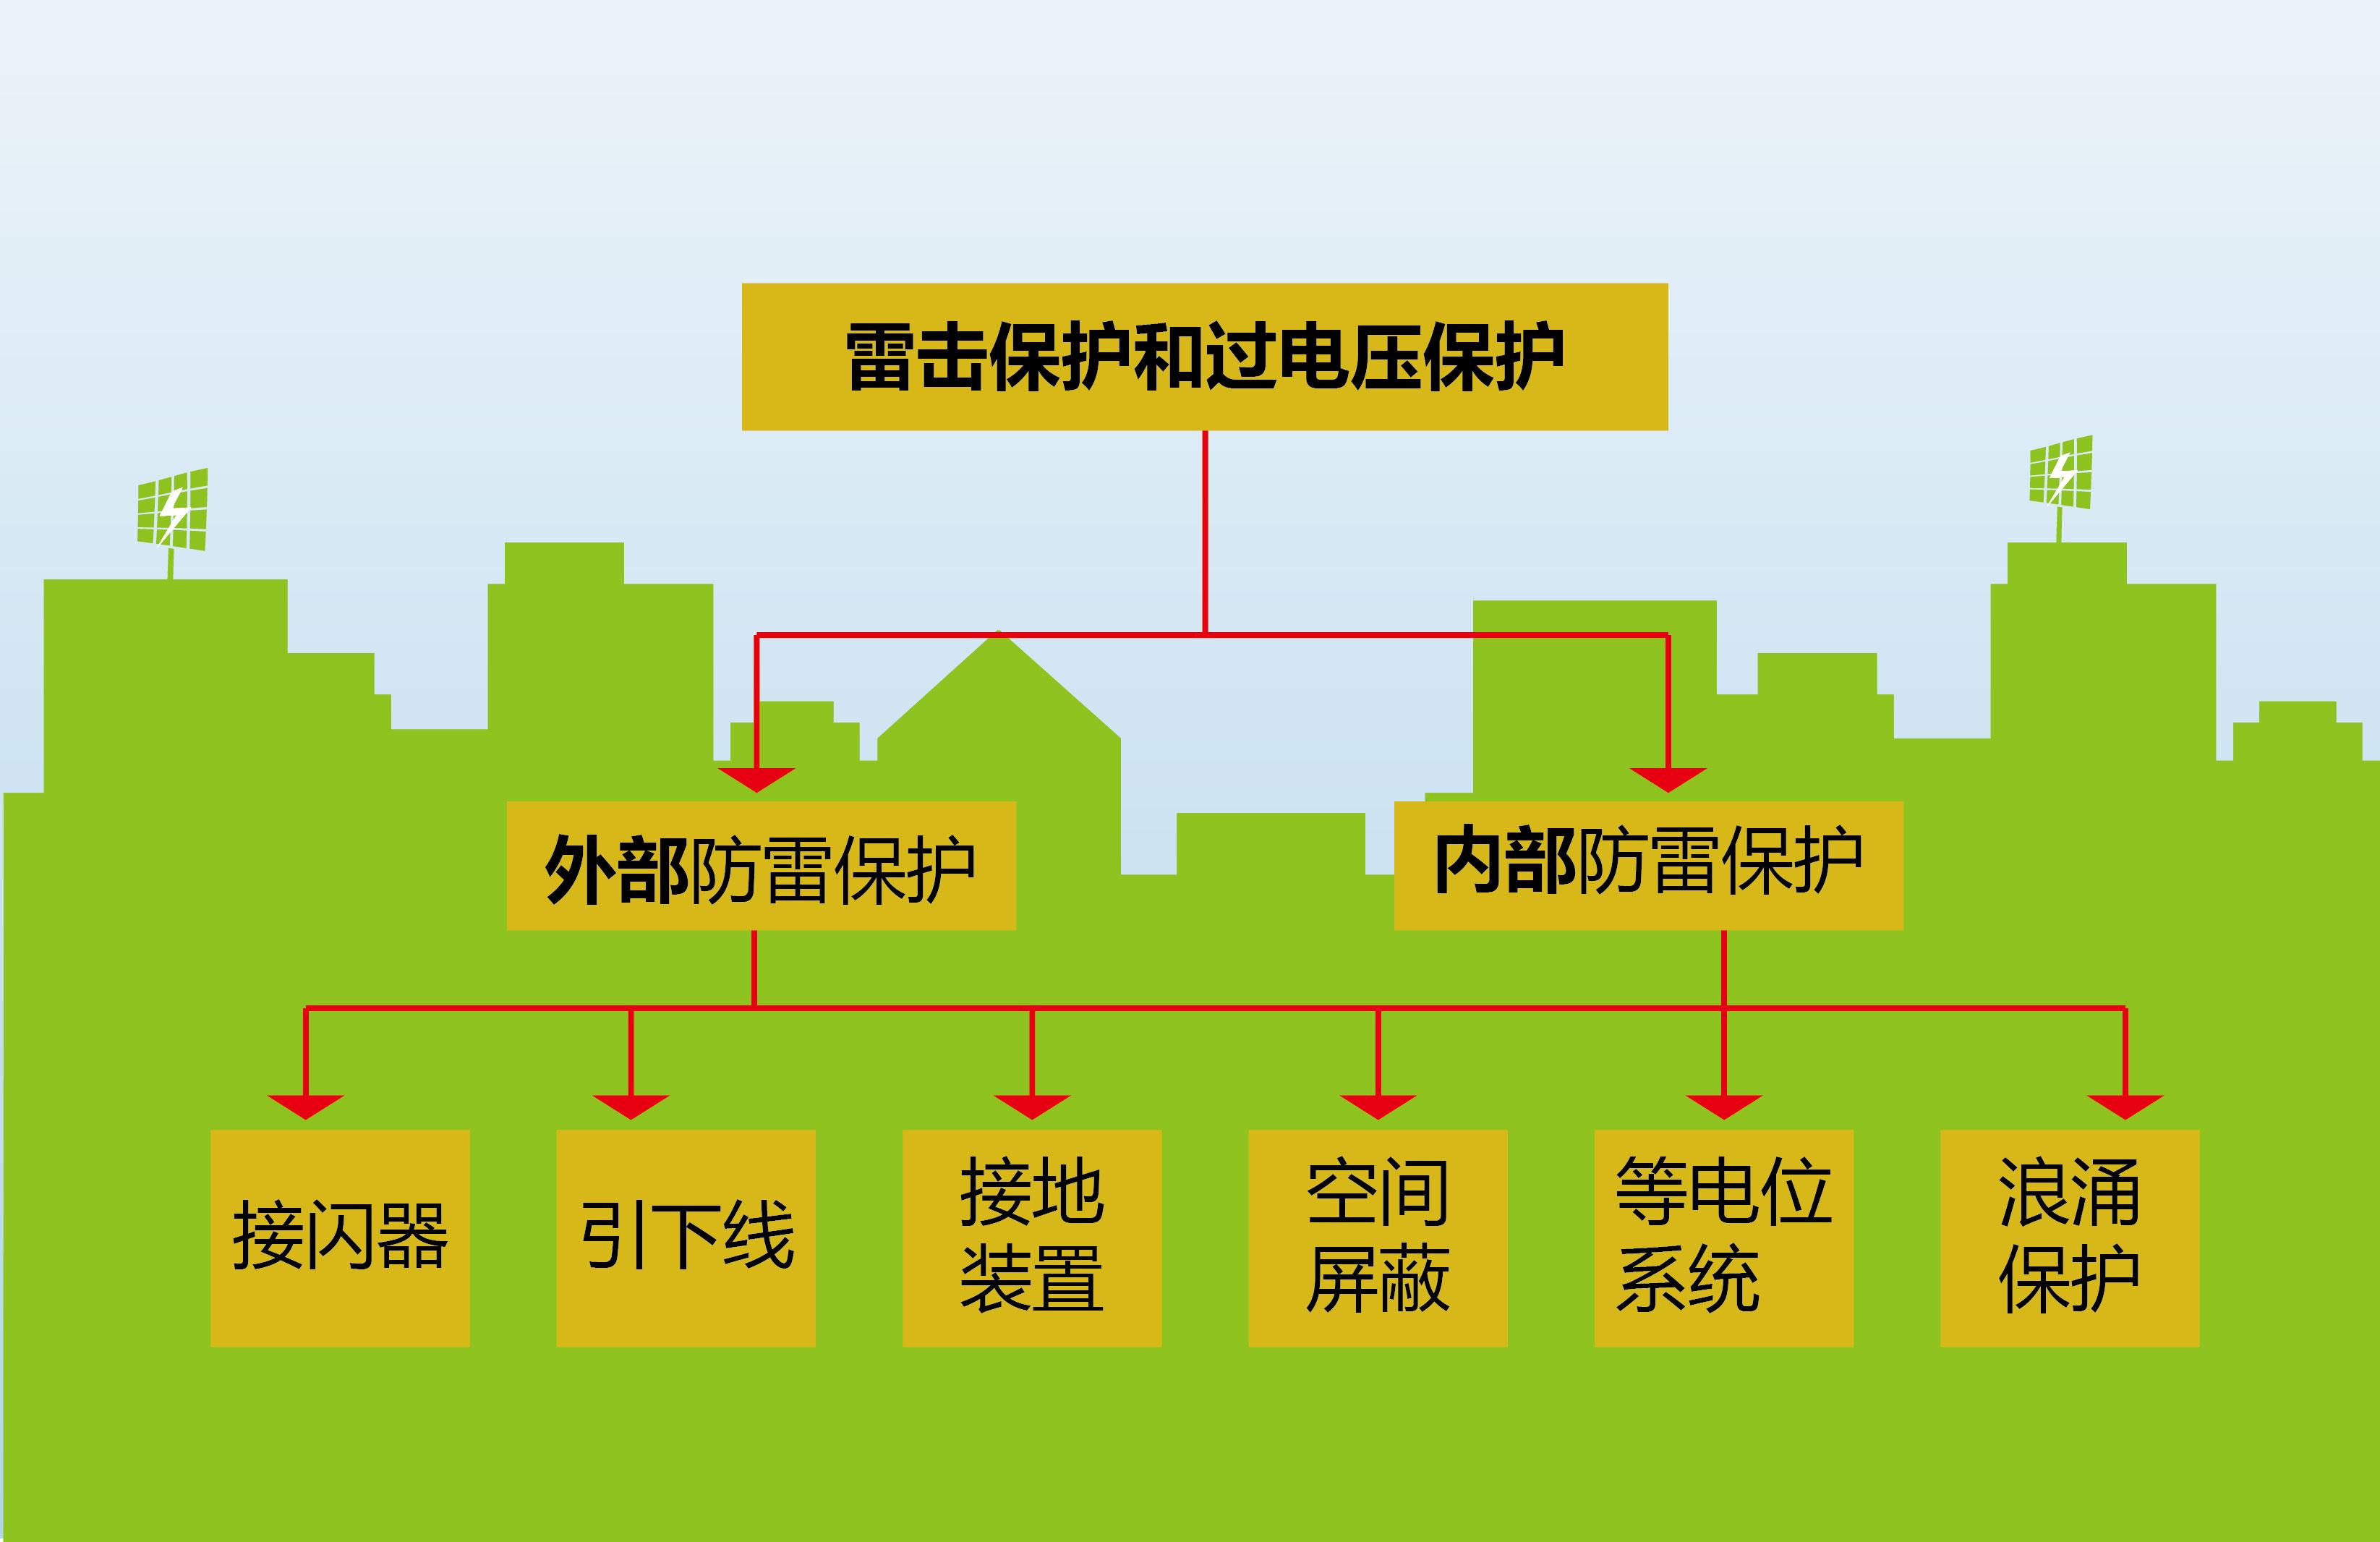 【大兆讲堂】光伏电站防雷与接地系统设计